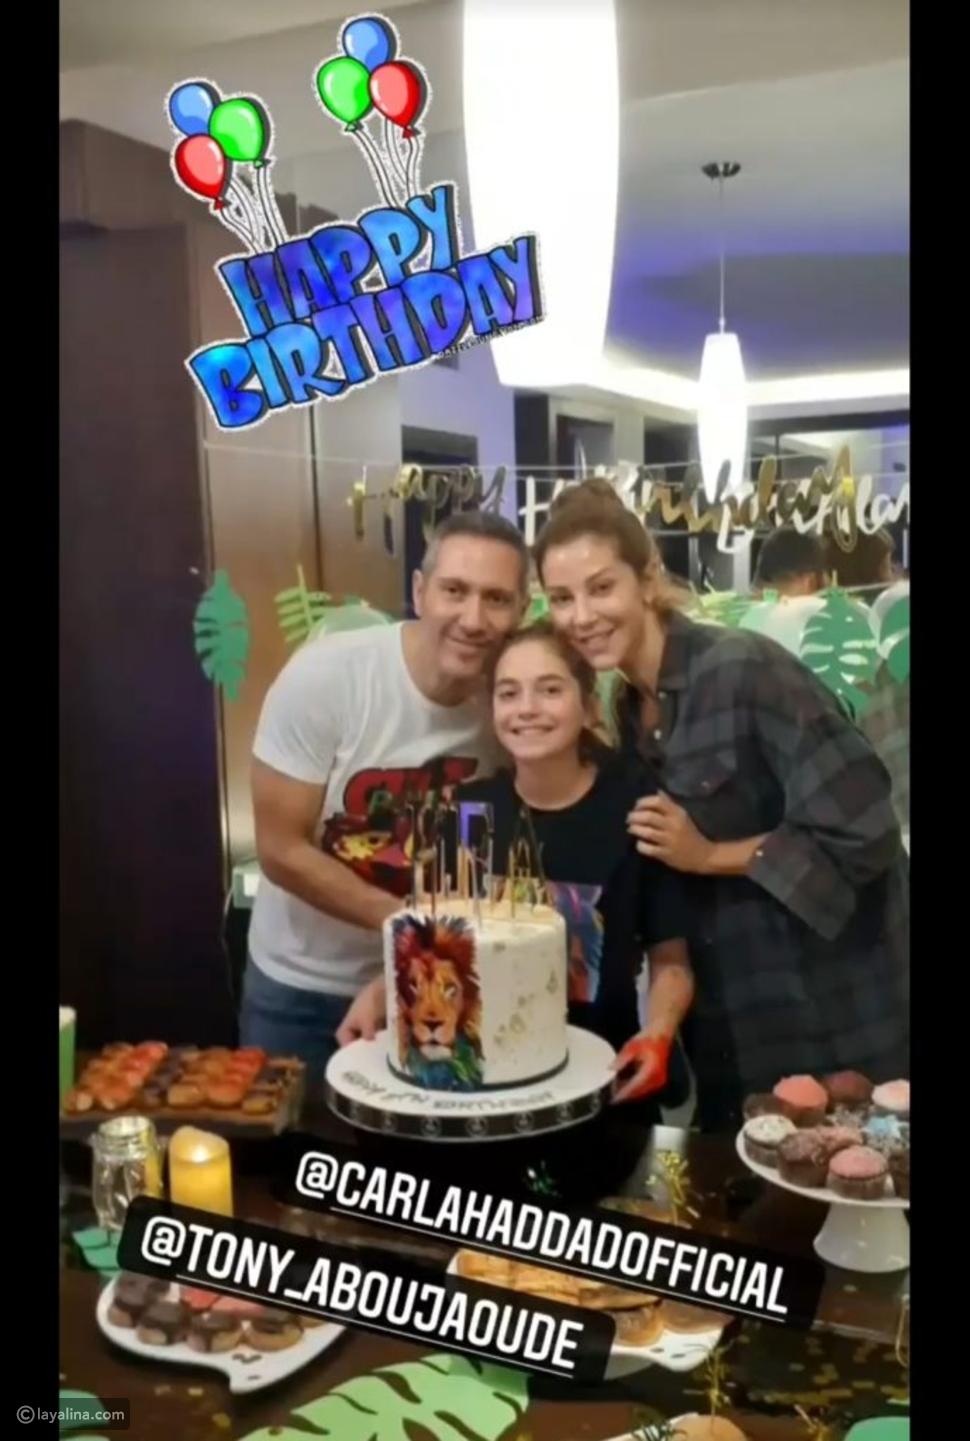 كارلا حداد تحتفل مع طليقها بعيد ميلاد ابنتها